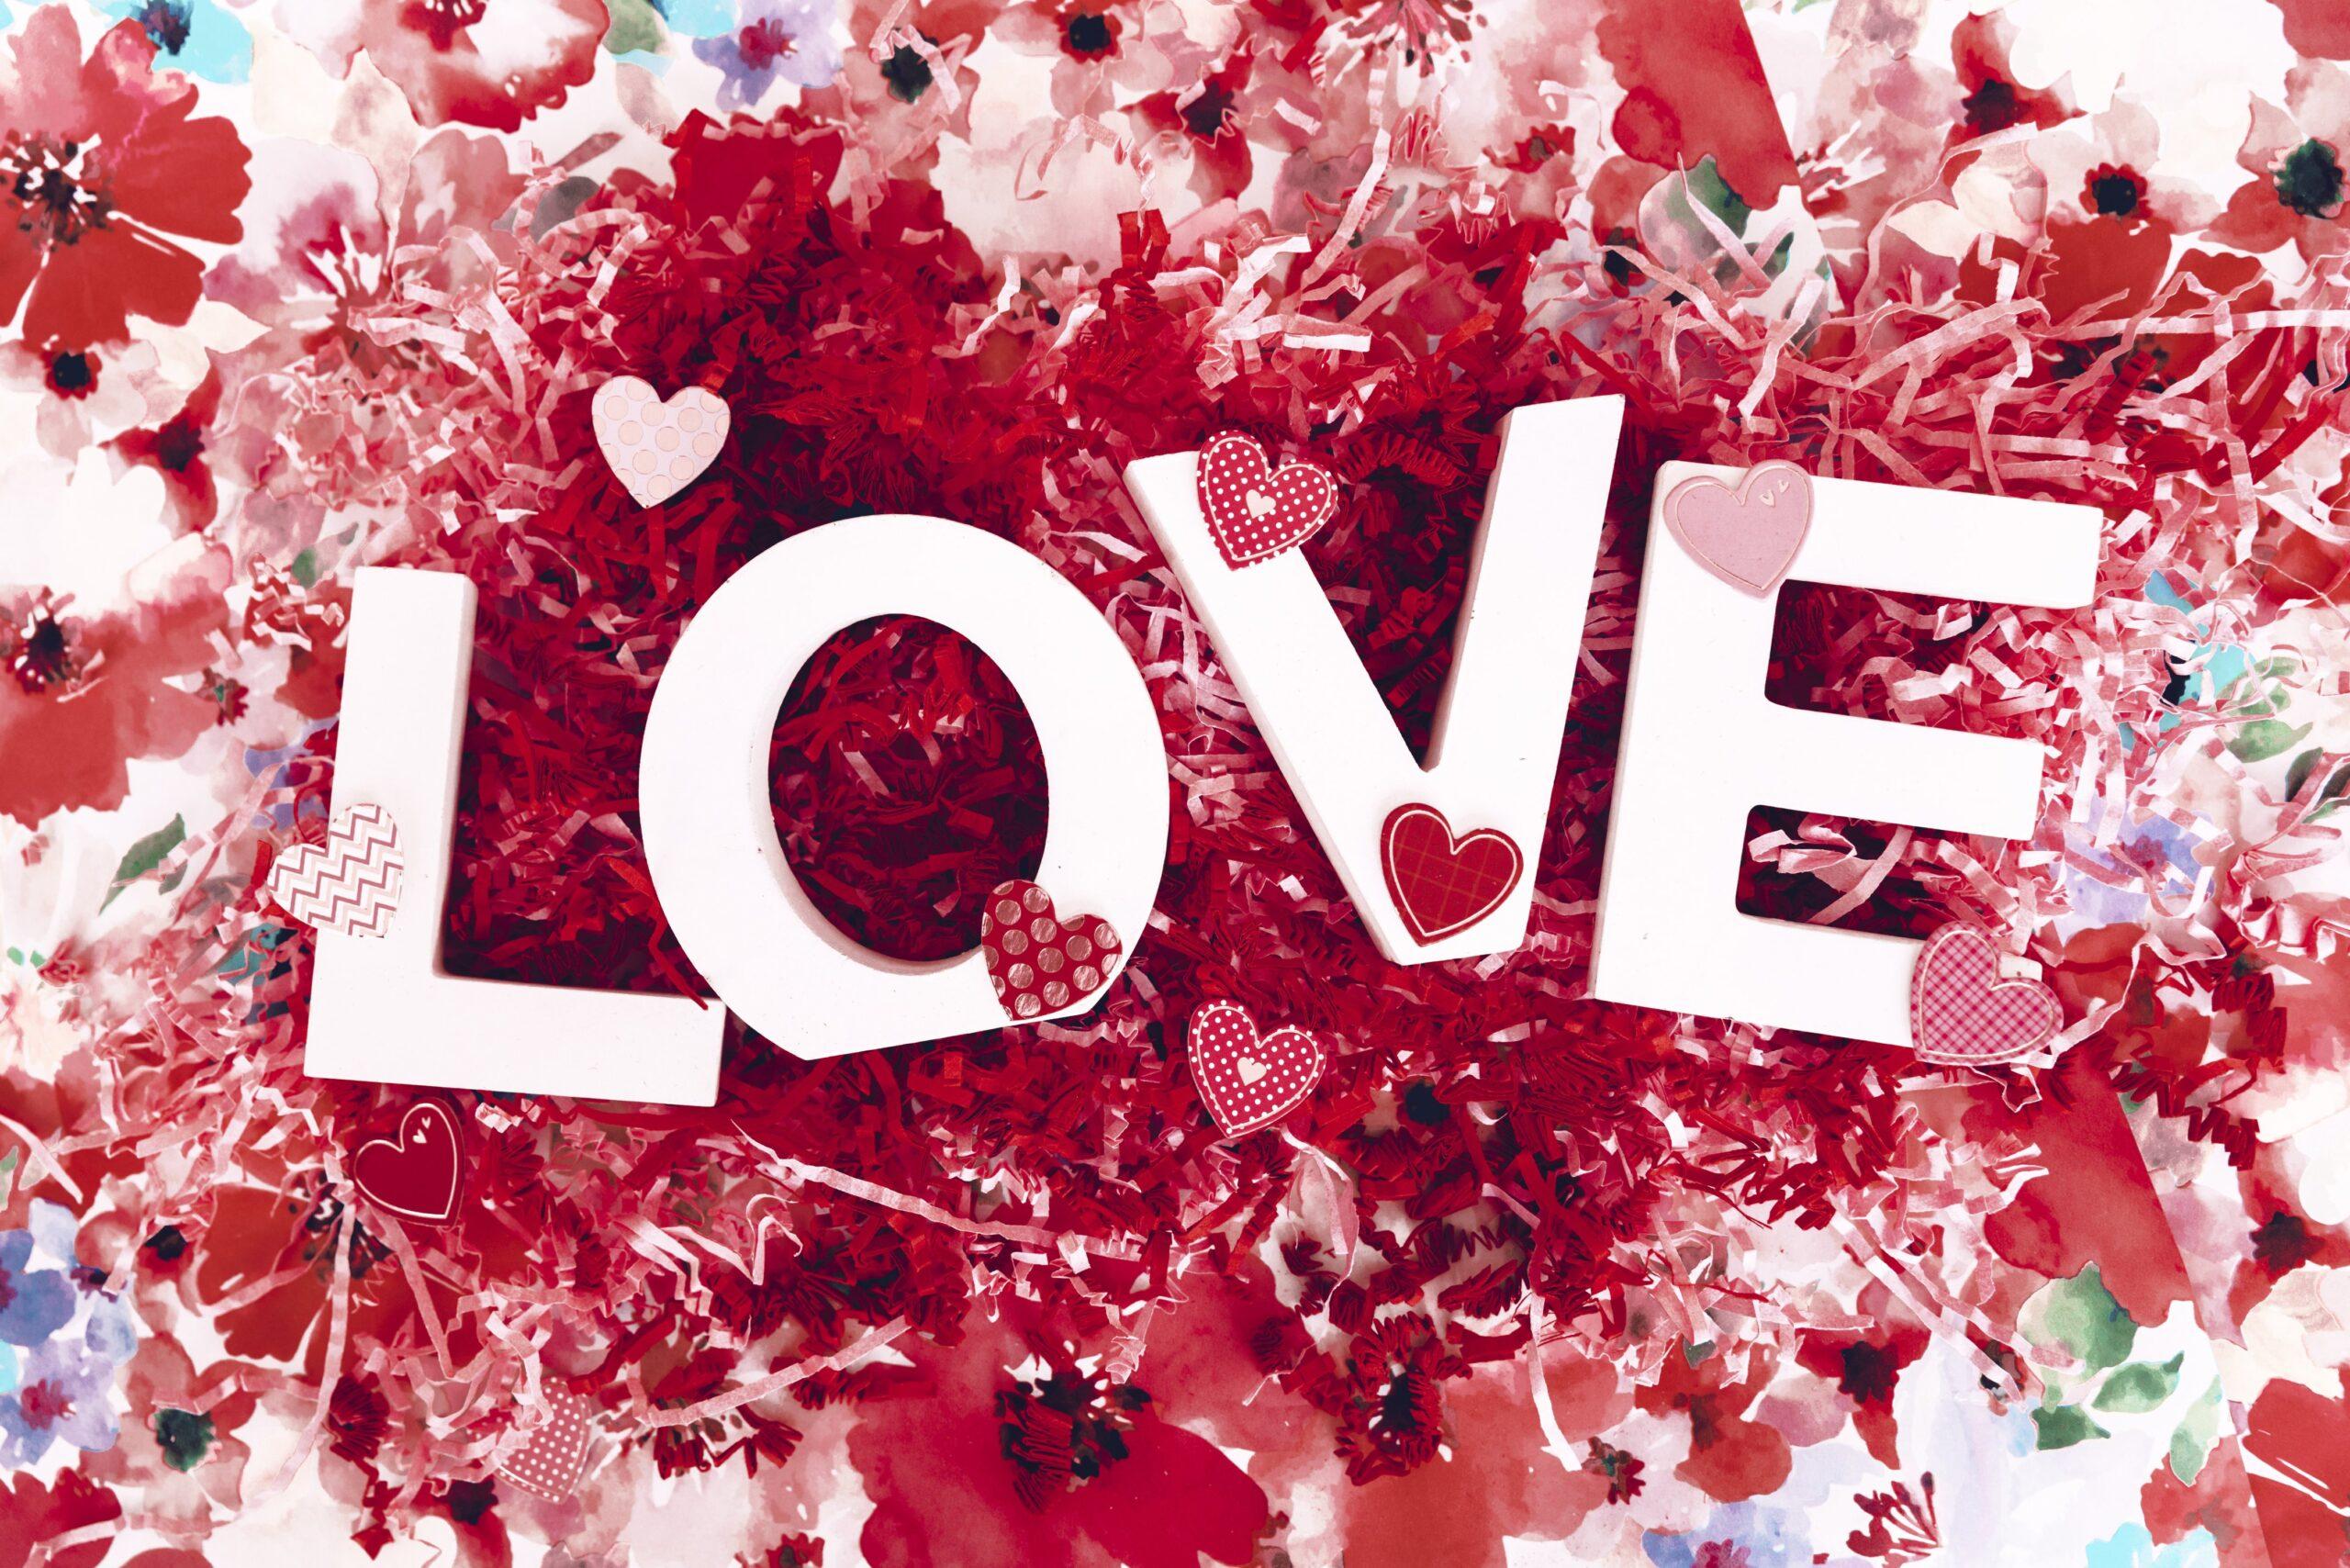 人は、恋愛することで異性を学ぶ…「恋愛」が最も学びになる理由